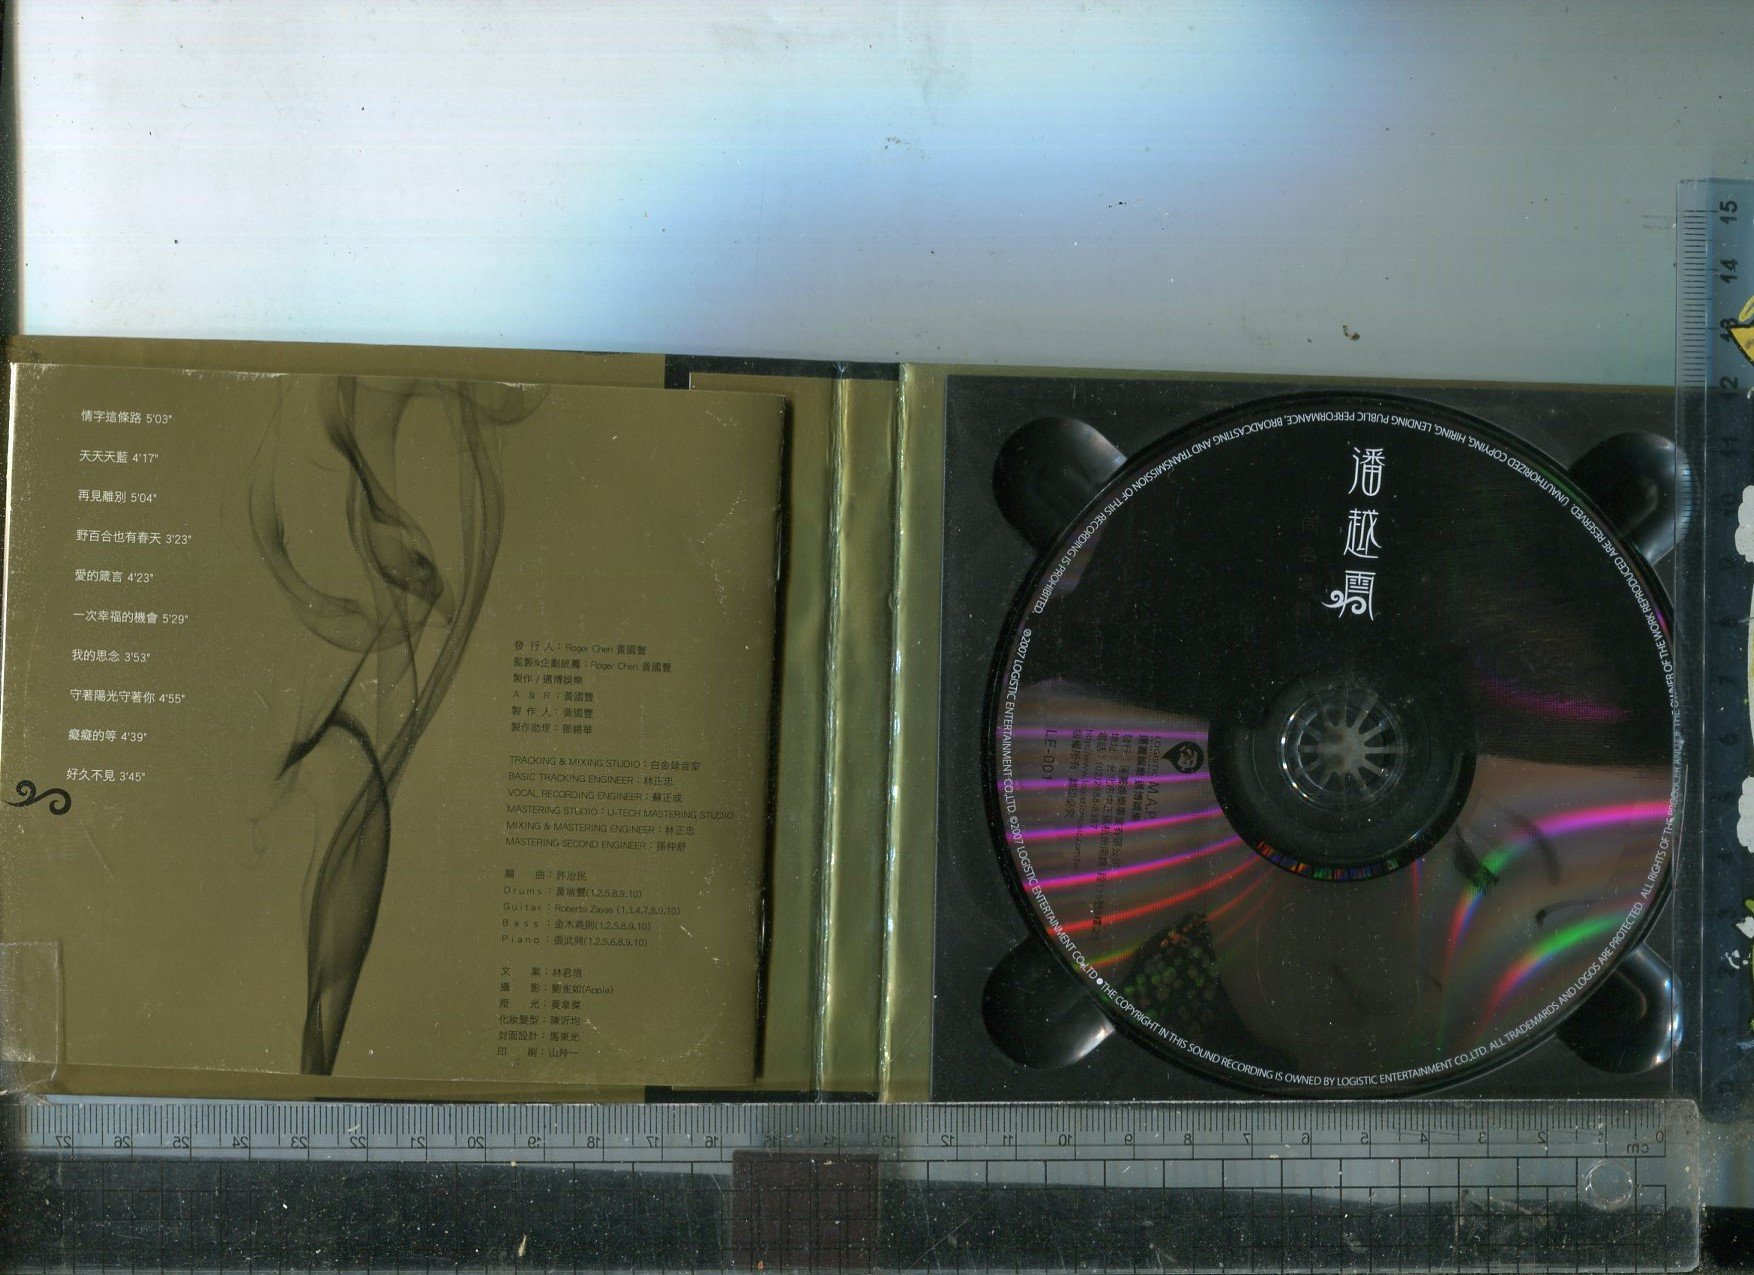 紙盒版  潘越雲 A-PAN 同名專輯  LOGISTIC 二手CD   2007